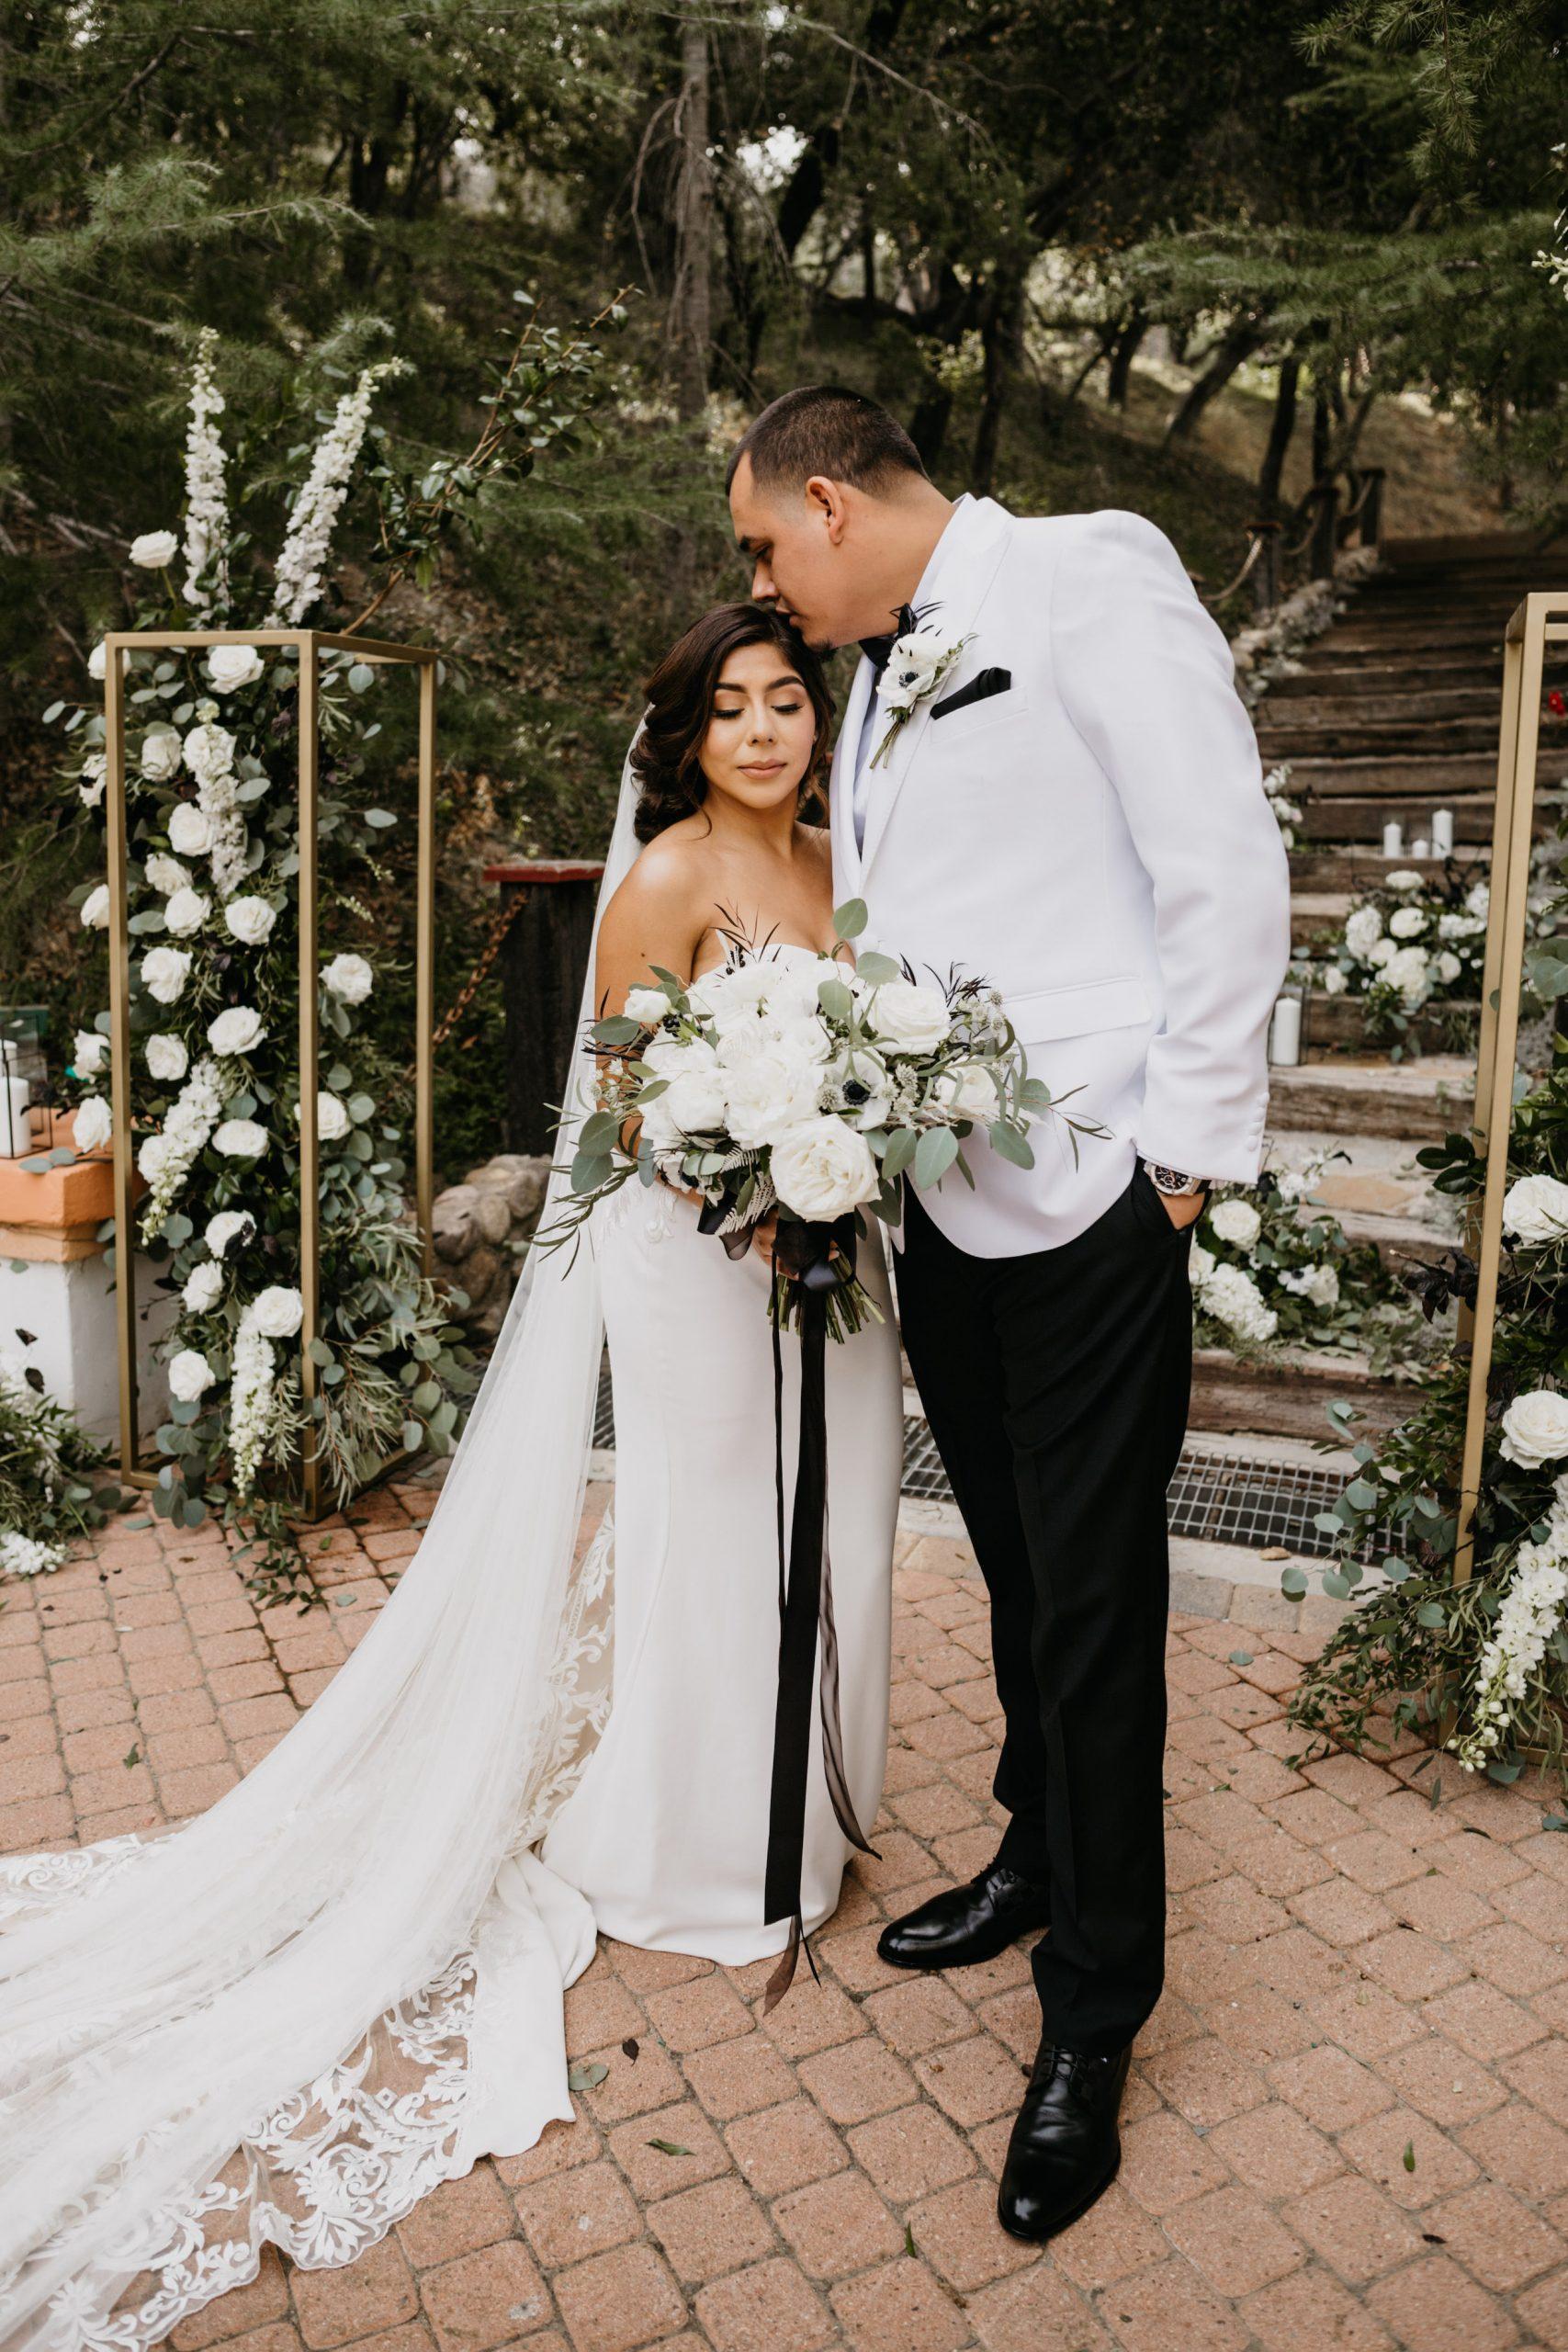 Bride and Groom Portrait in Rancho Las Lomas Wedding, image by Fatima Elreda Photo